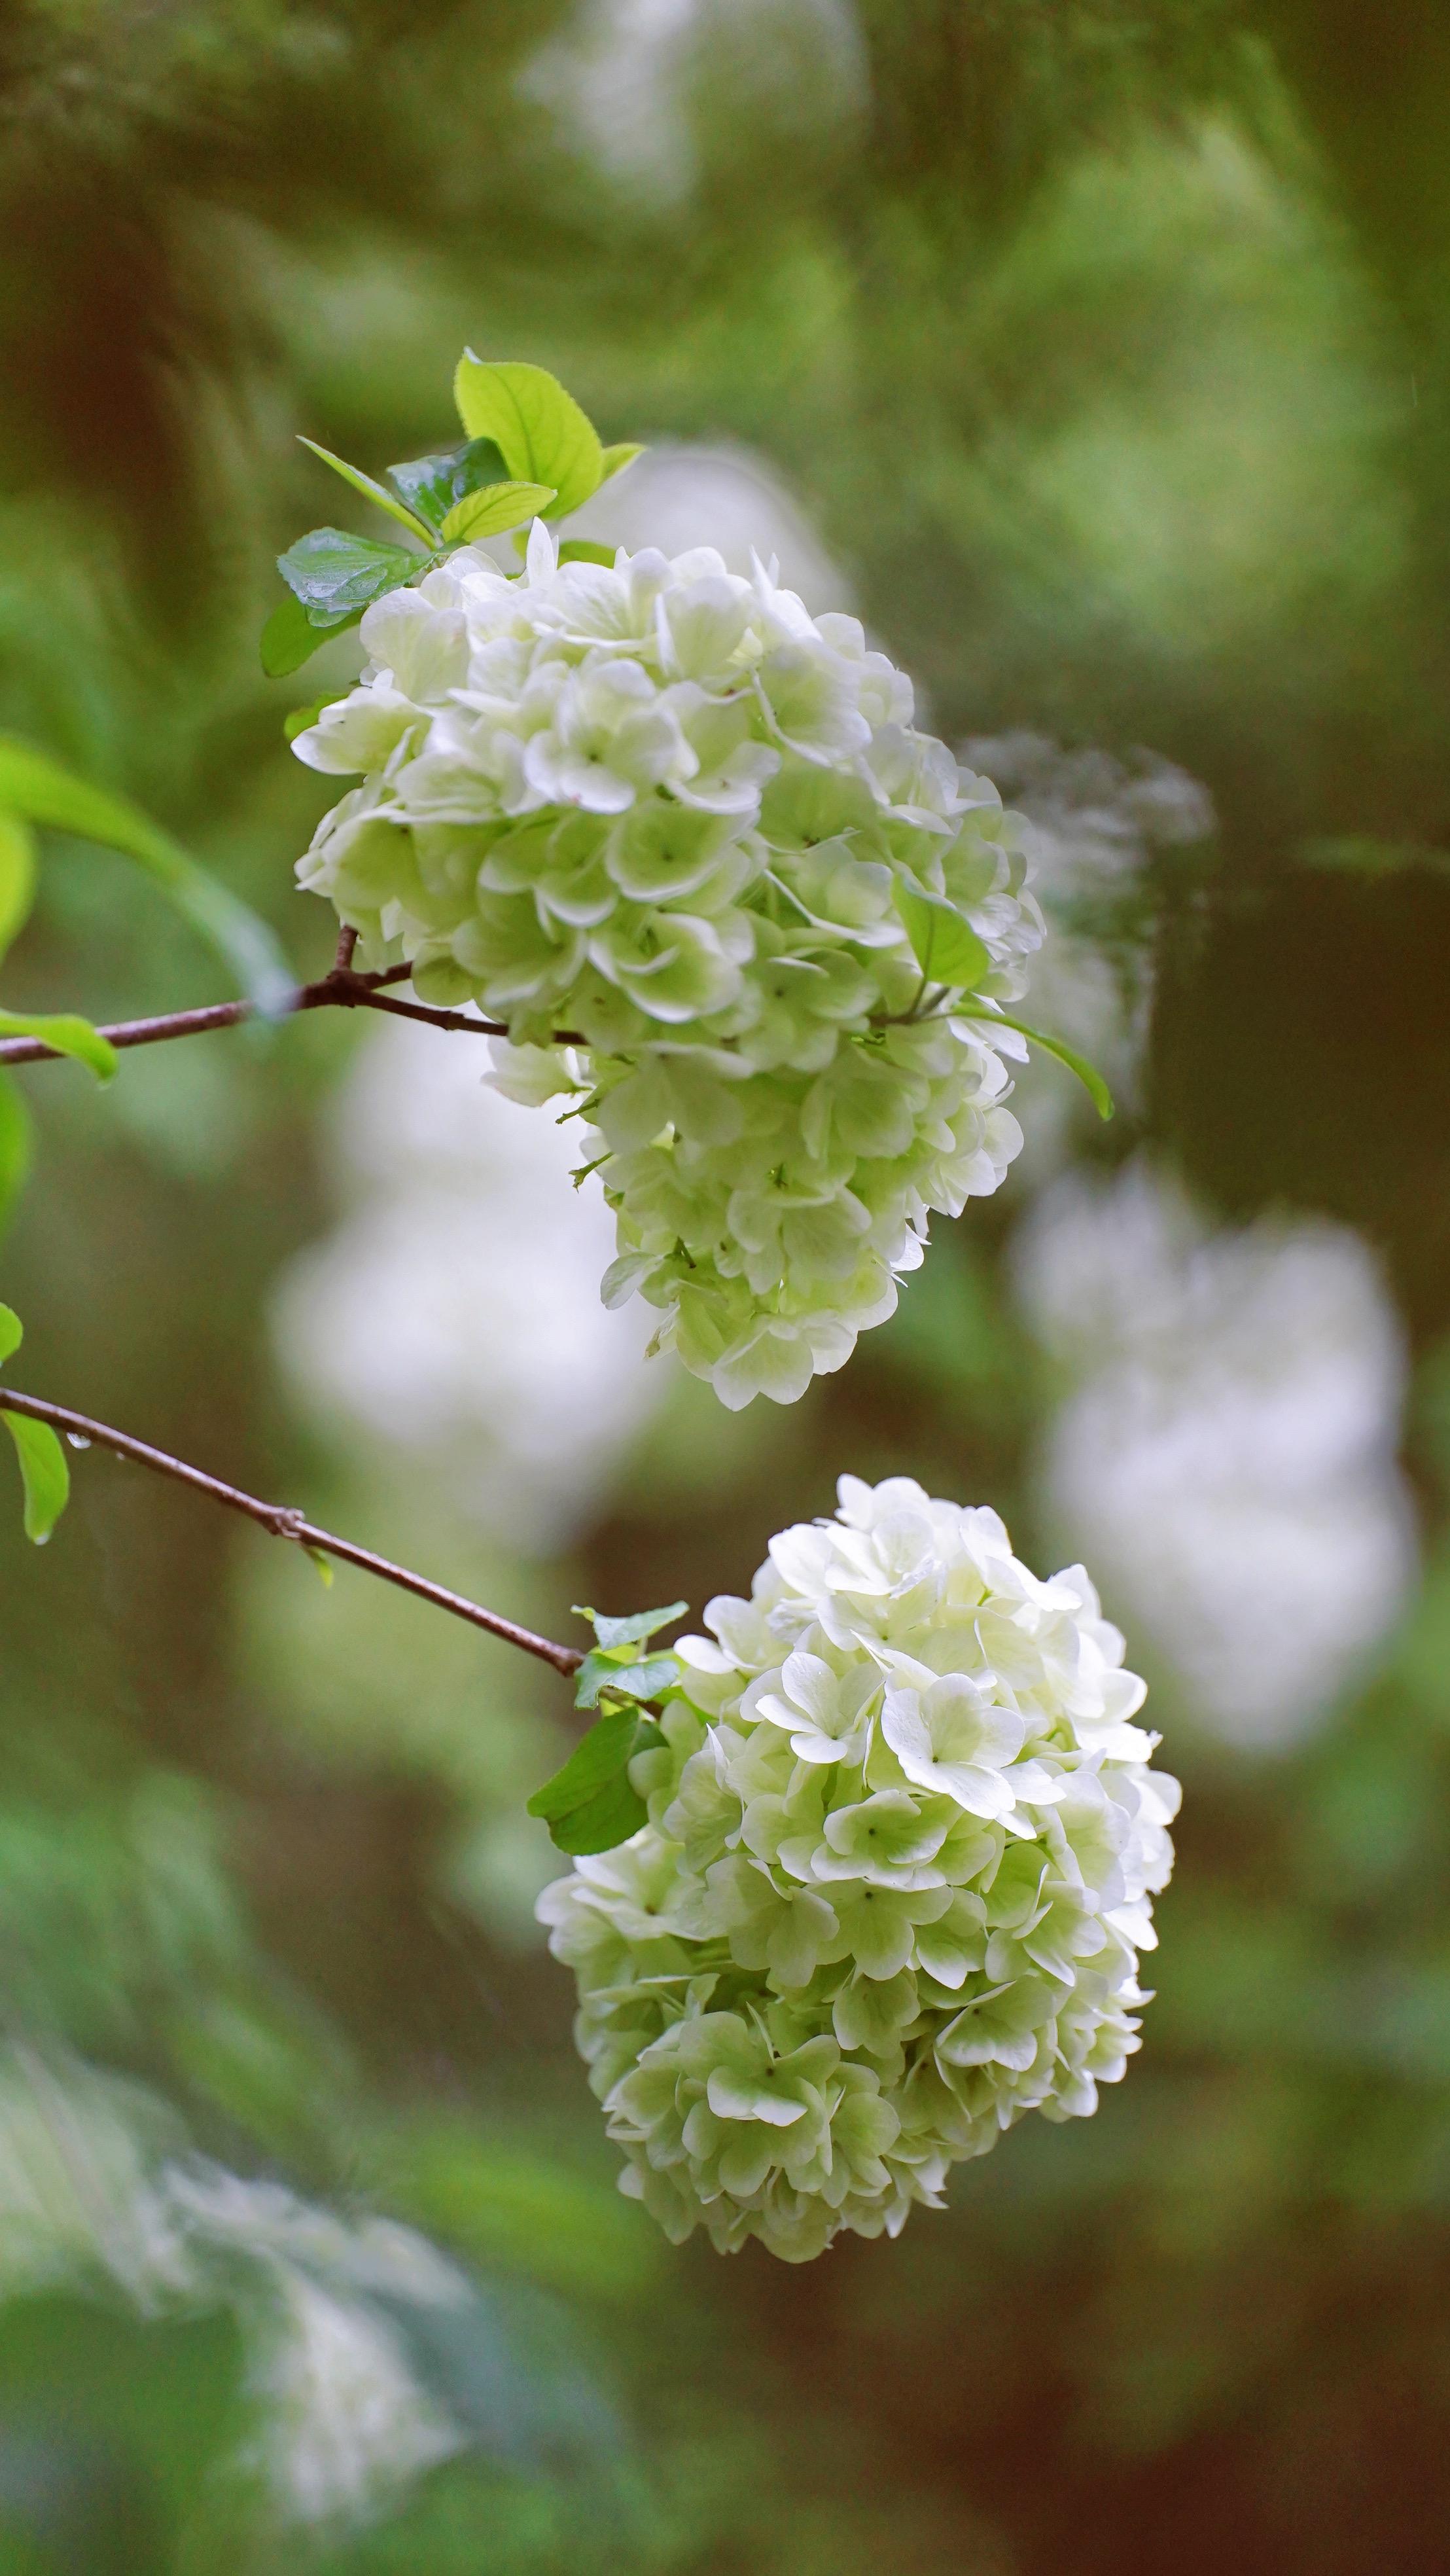 当片片樱花落尽,躲在角落里的木绣球静静开放,雪球满树,清香四溢。寄畅园的几棵木绣球目前正值初花期,花朵自带萌萌的淡绿色,圆滚滚的花球倒映在湖面上,和水里红色的锦鲤相映成趣。大约一周后,木绣球进入盛放期,花朵会全部变成白色。